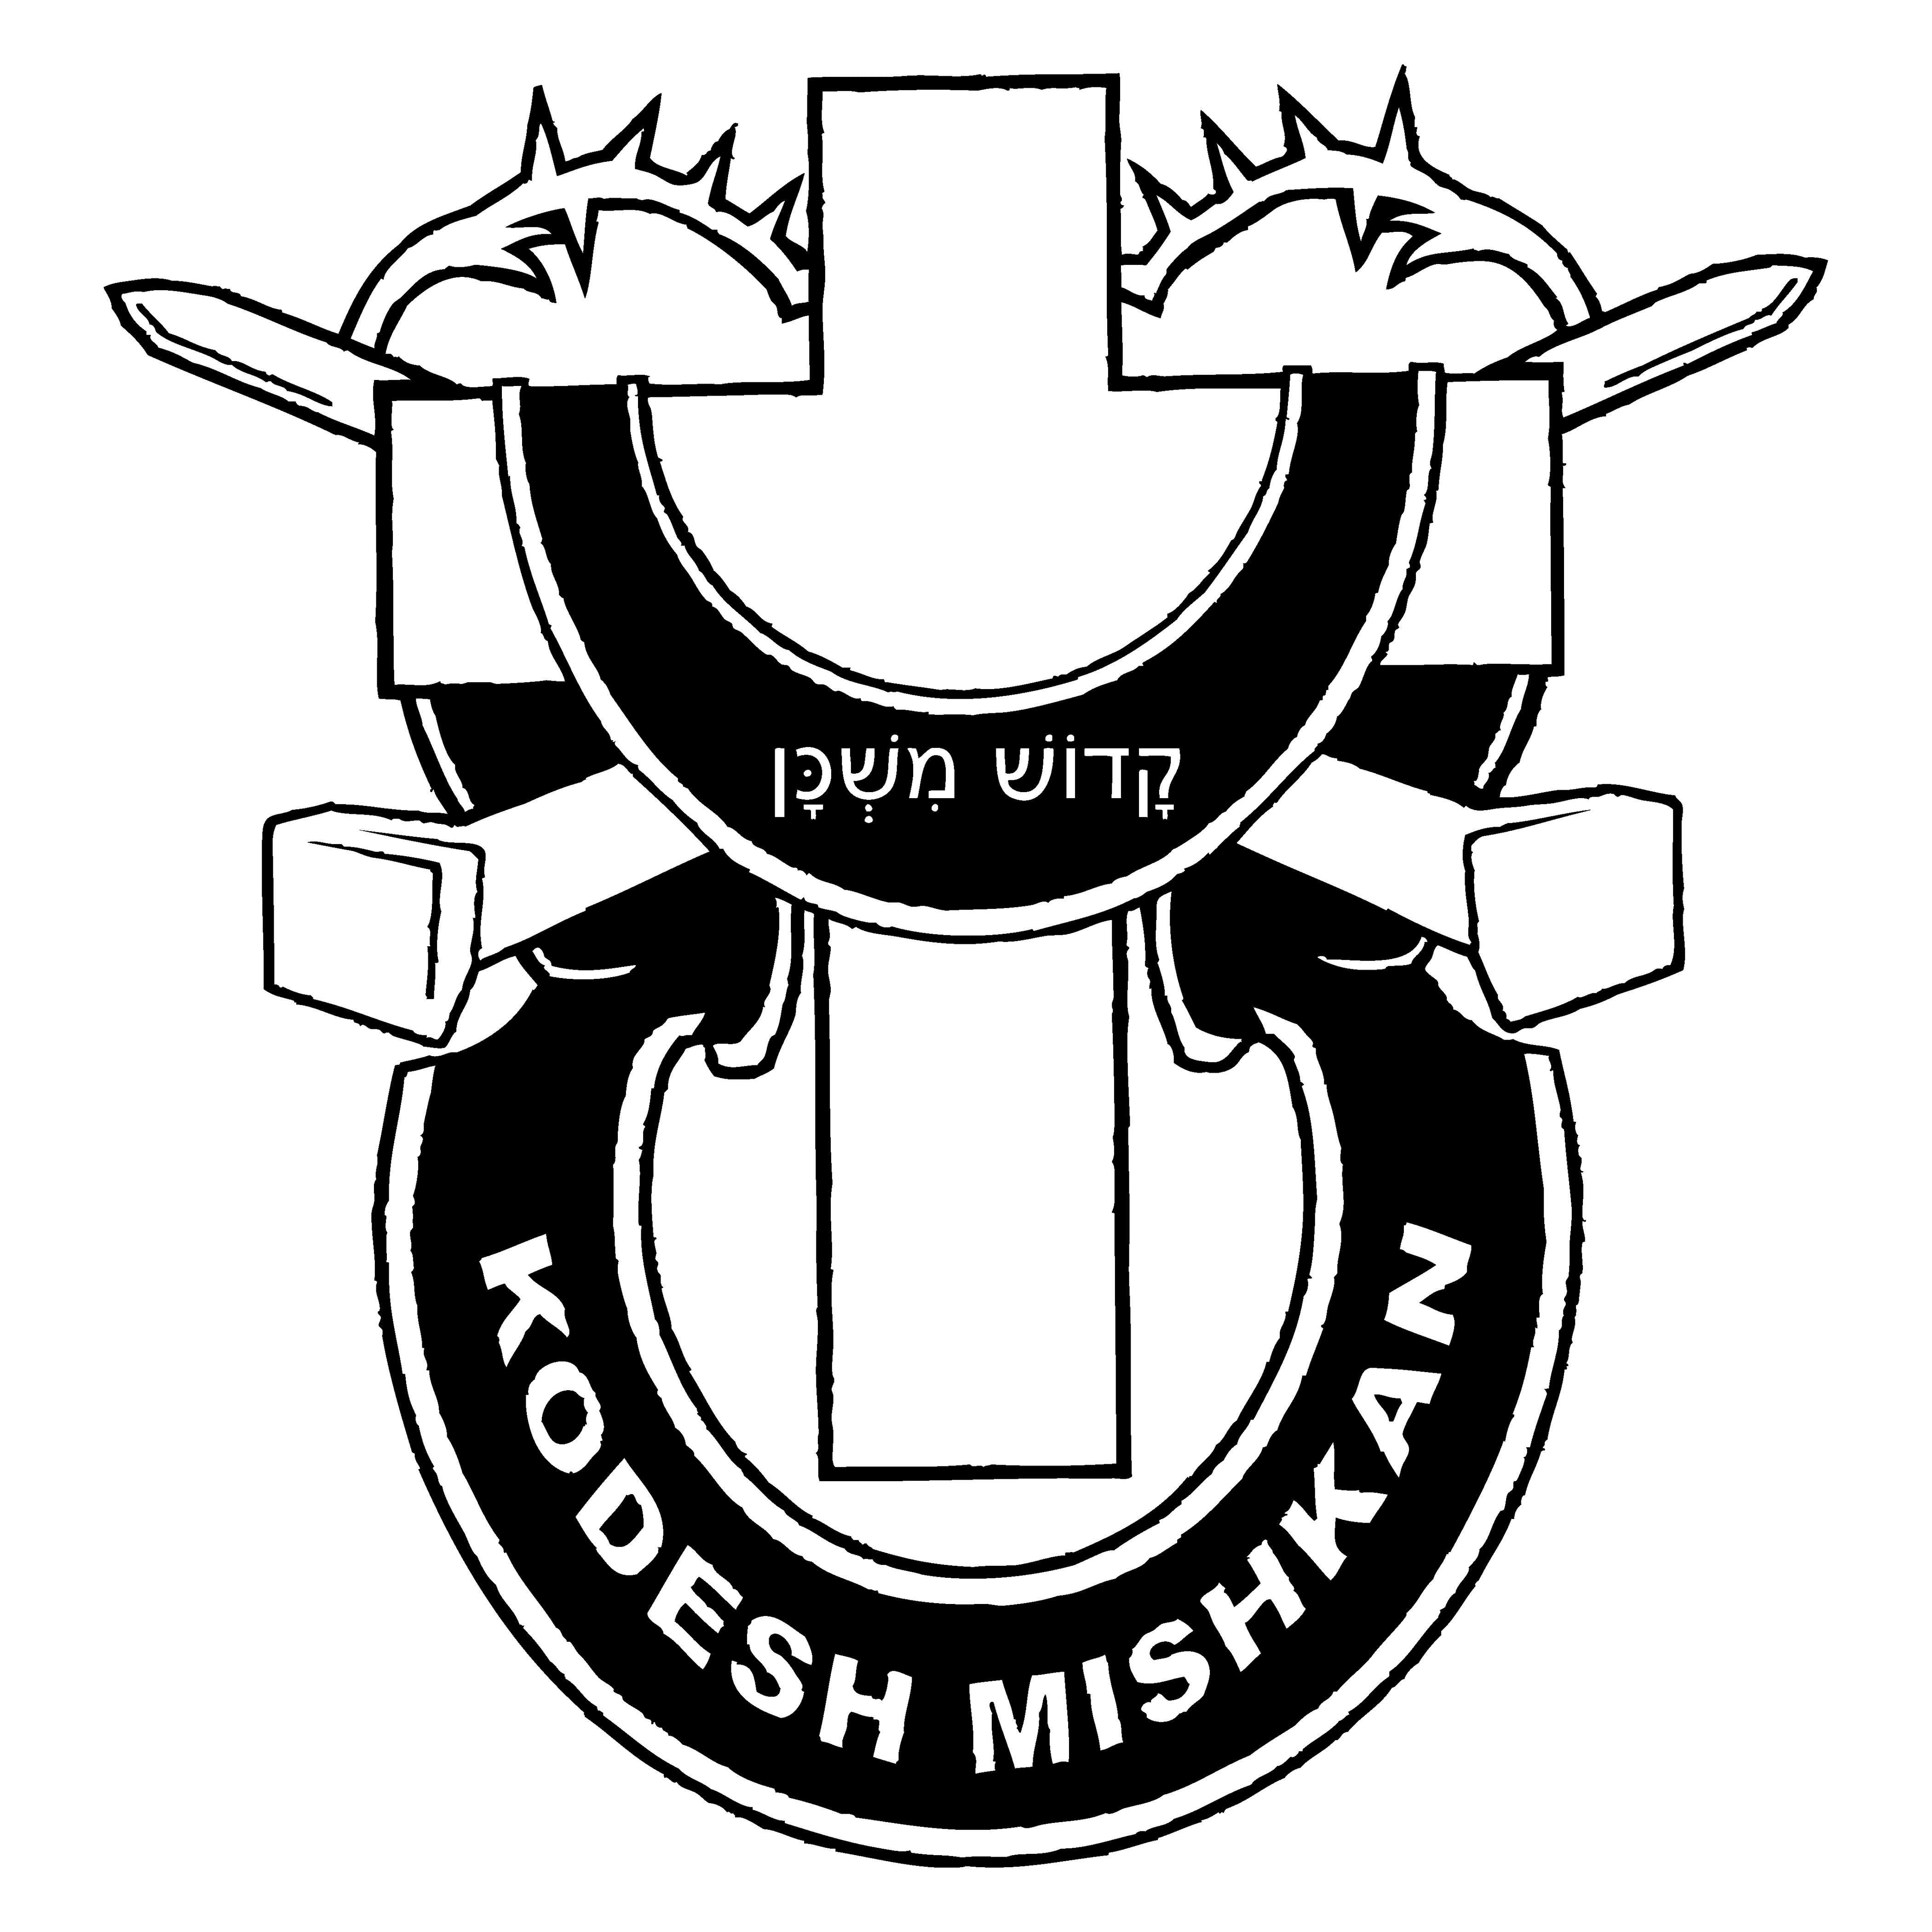 Kodesh Mishkan Ministry Group